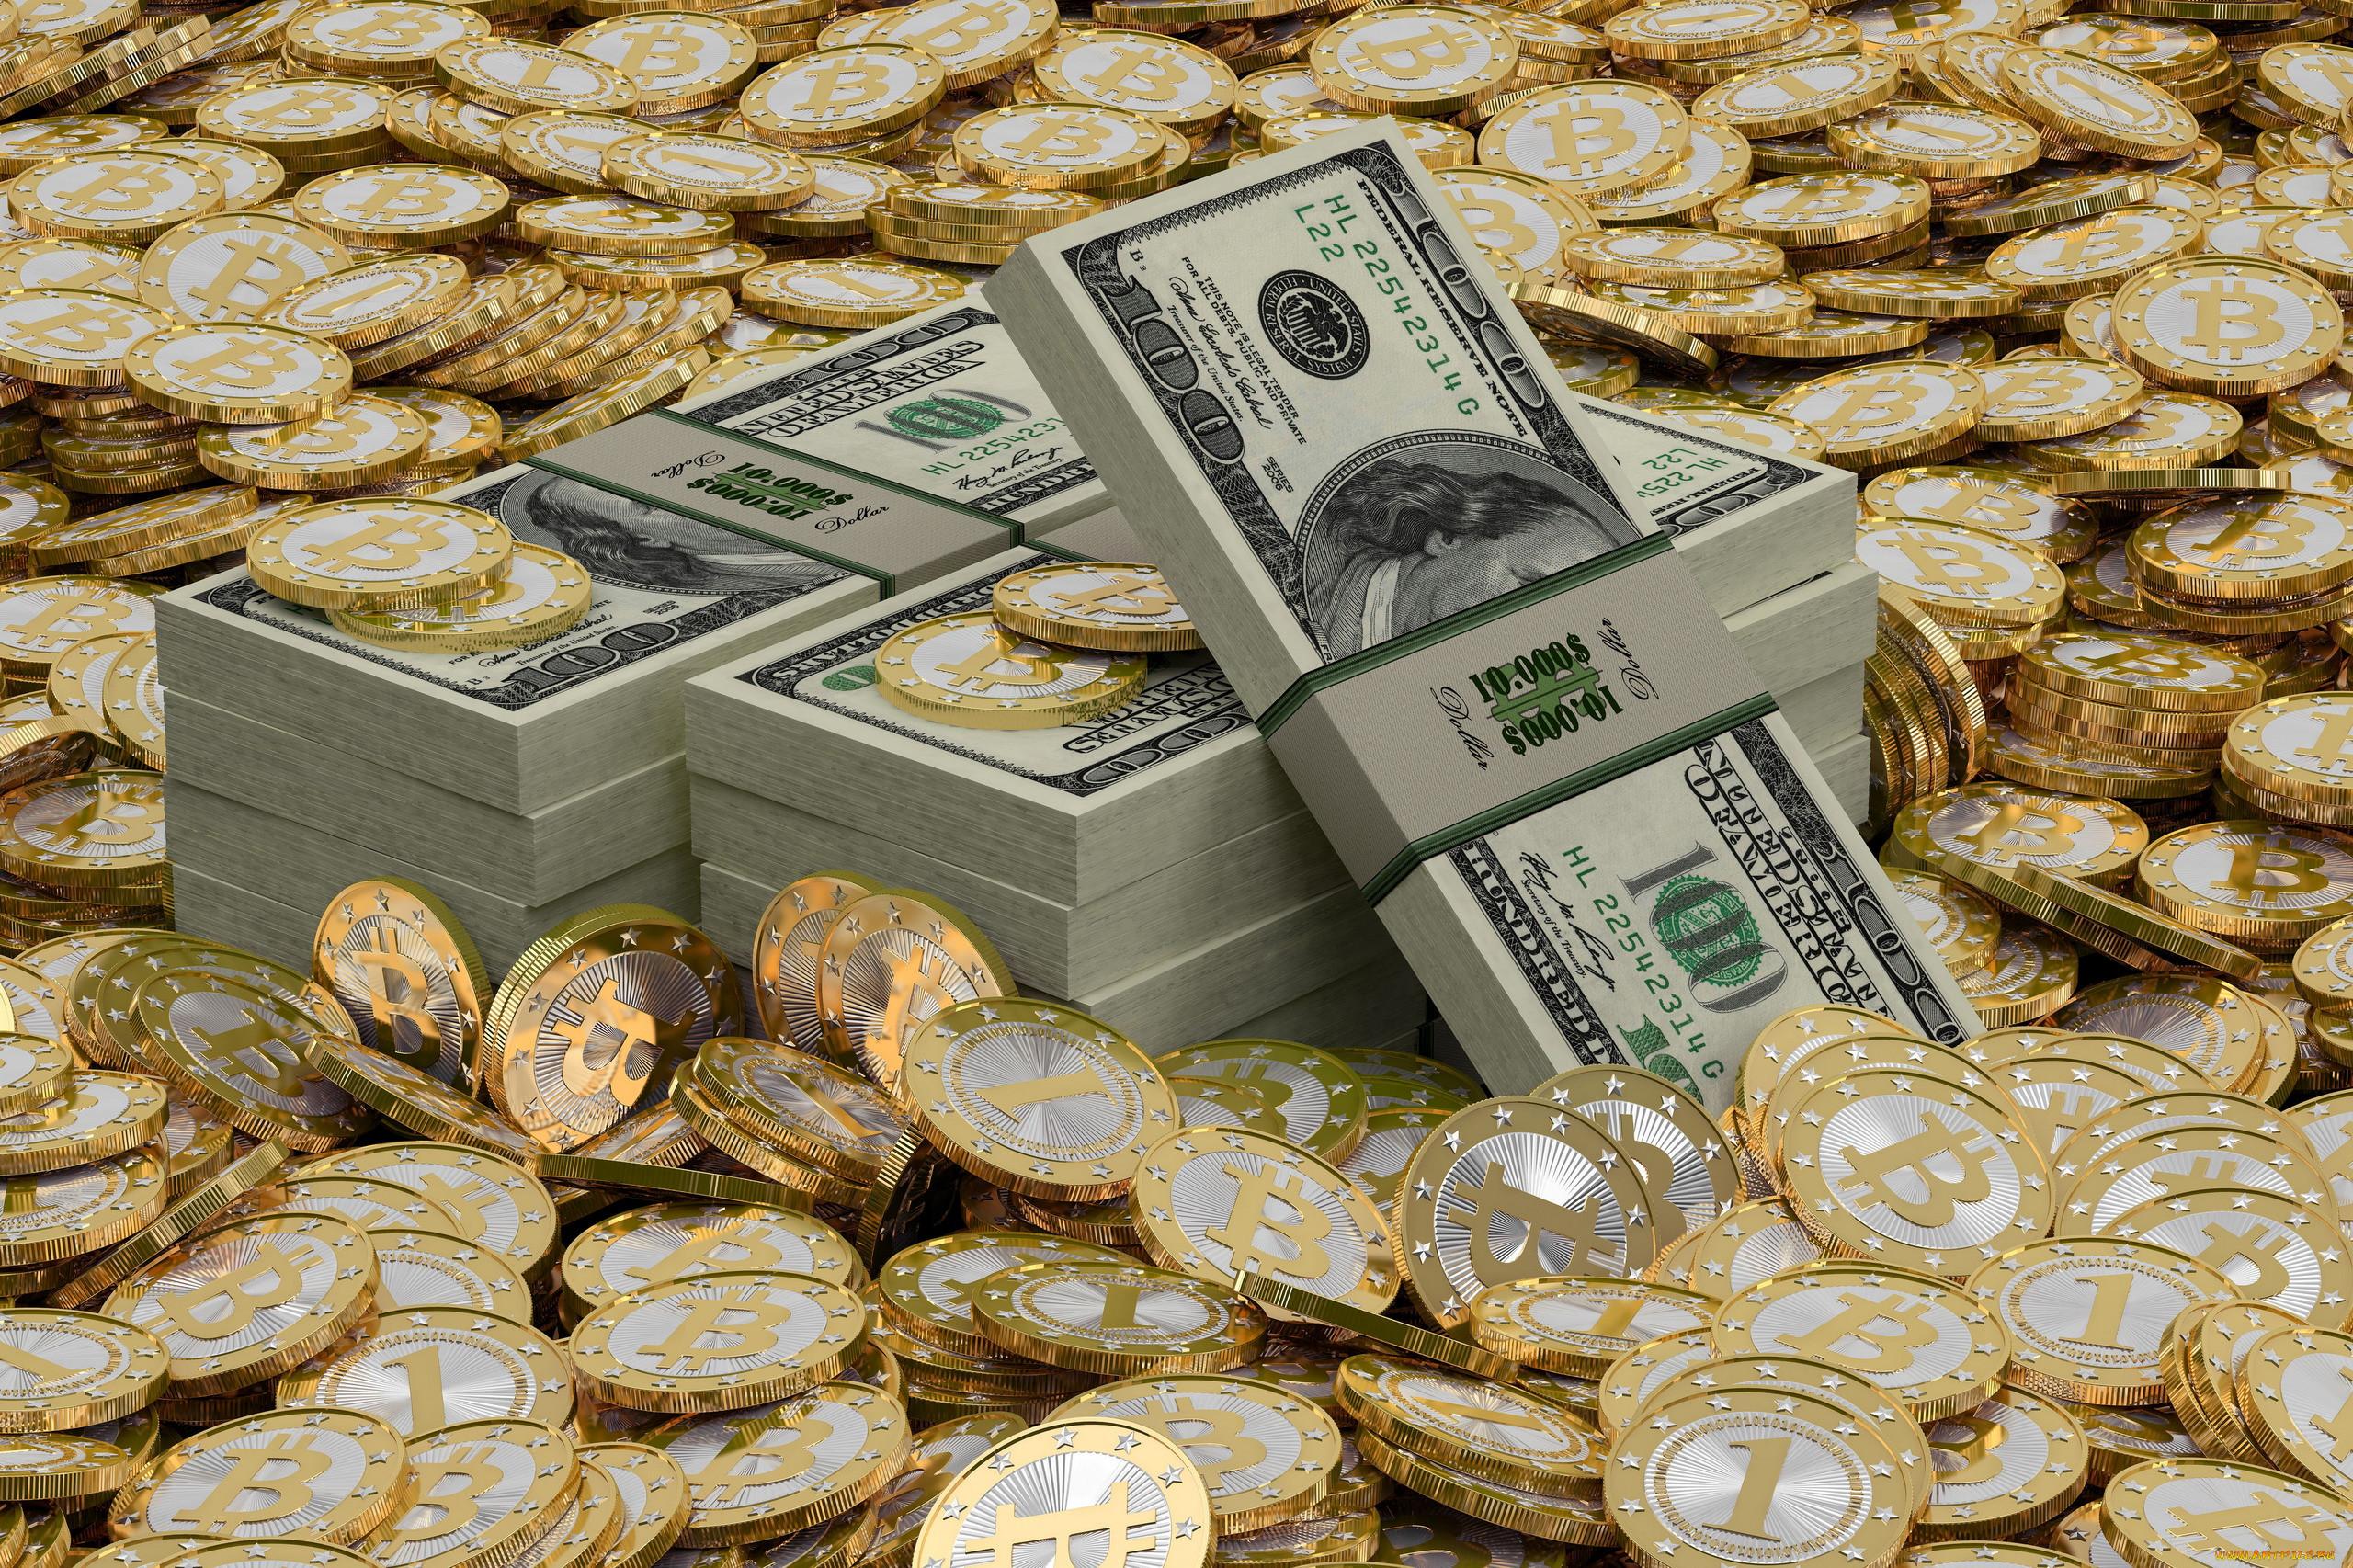 большинства, доллар и золото картинка них